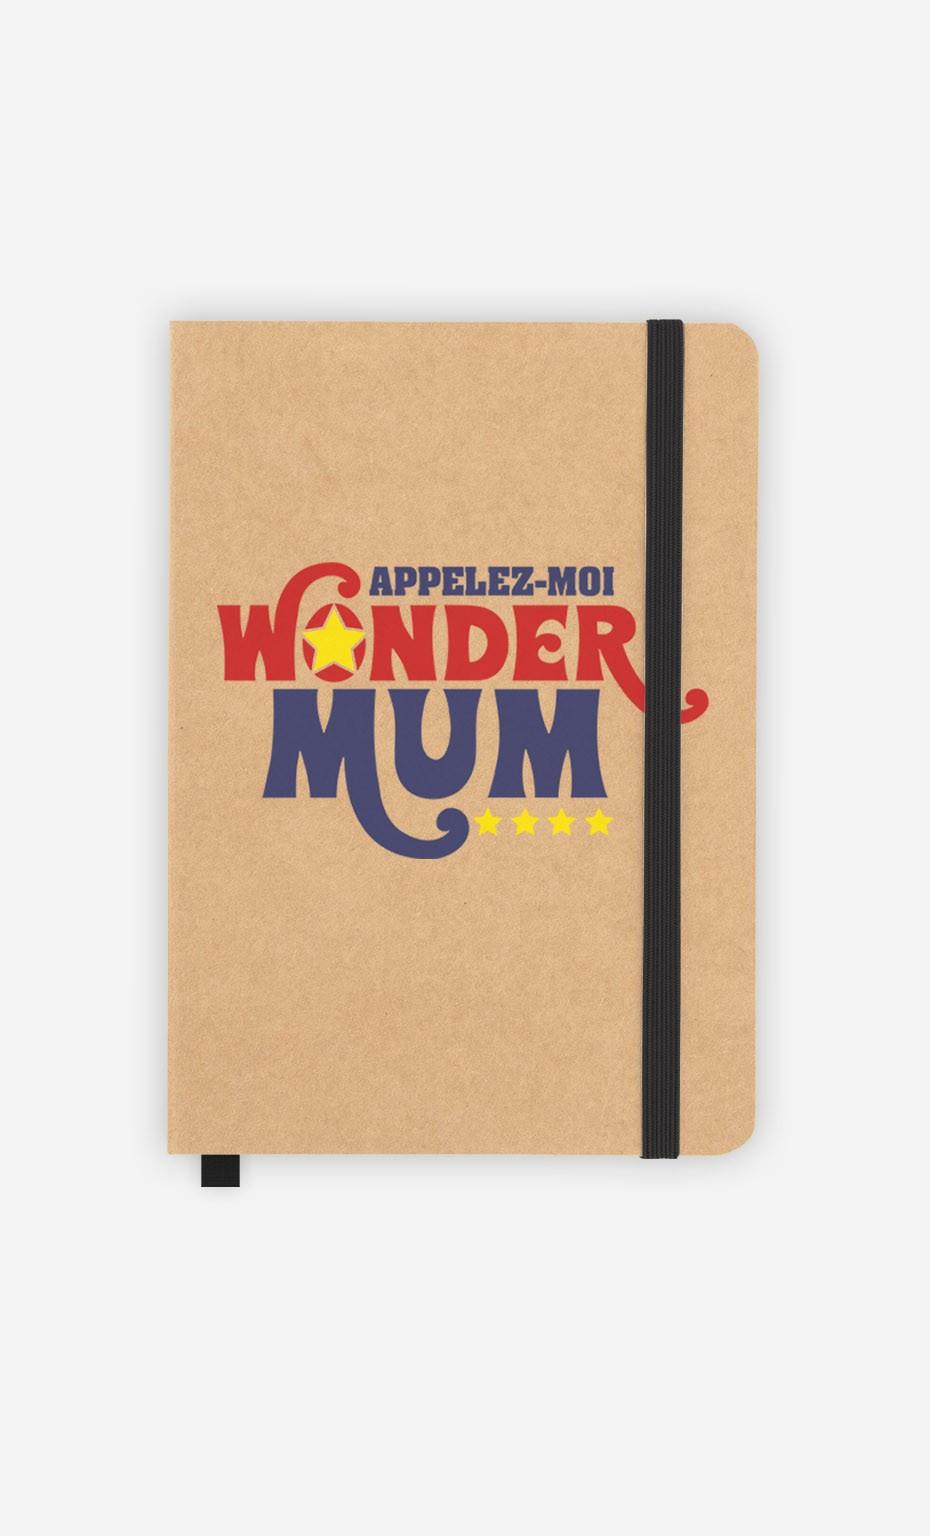 Carnet Appelez-Moi Wonder Mum